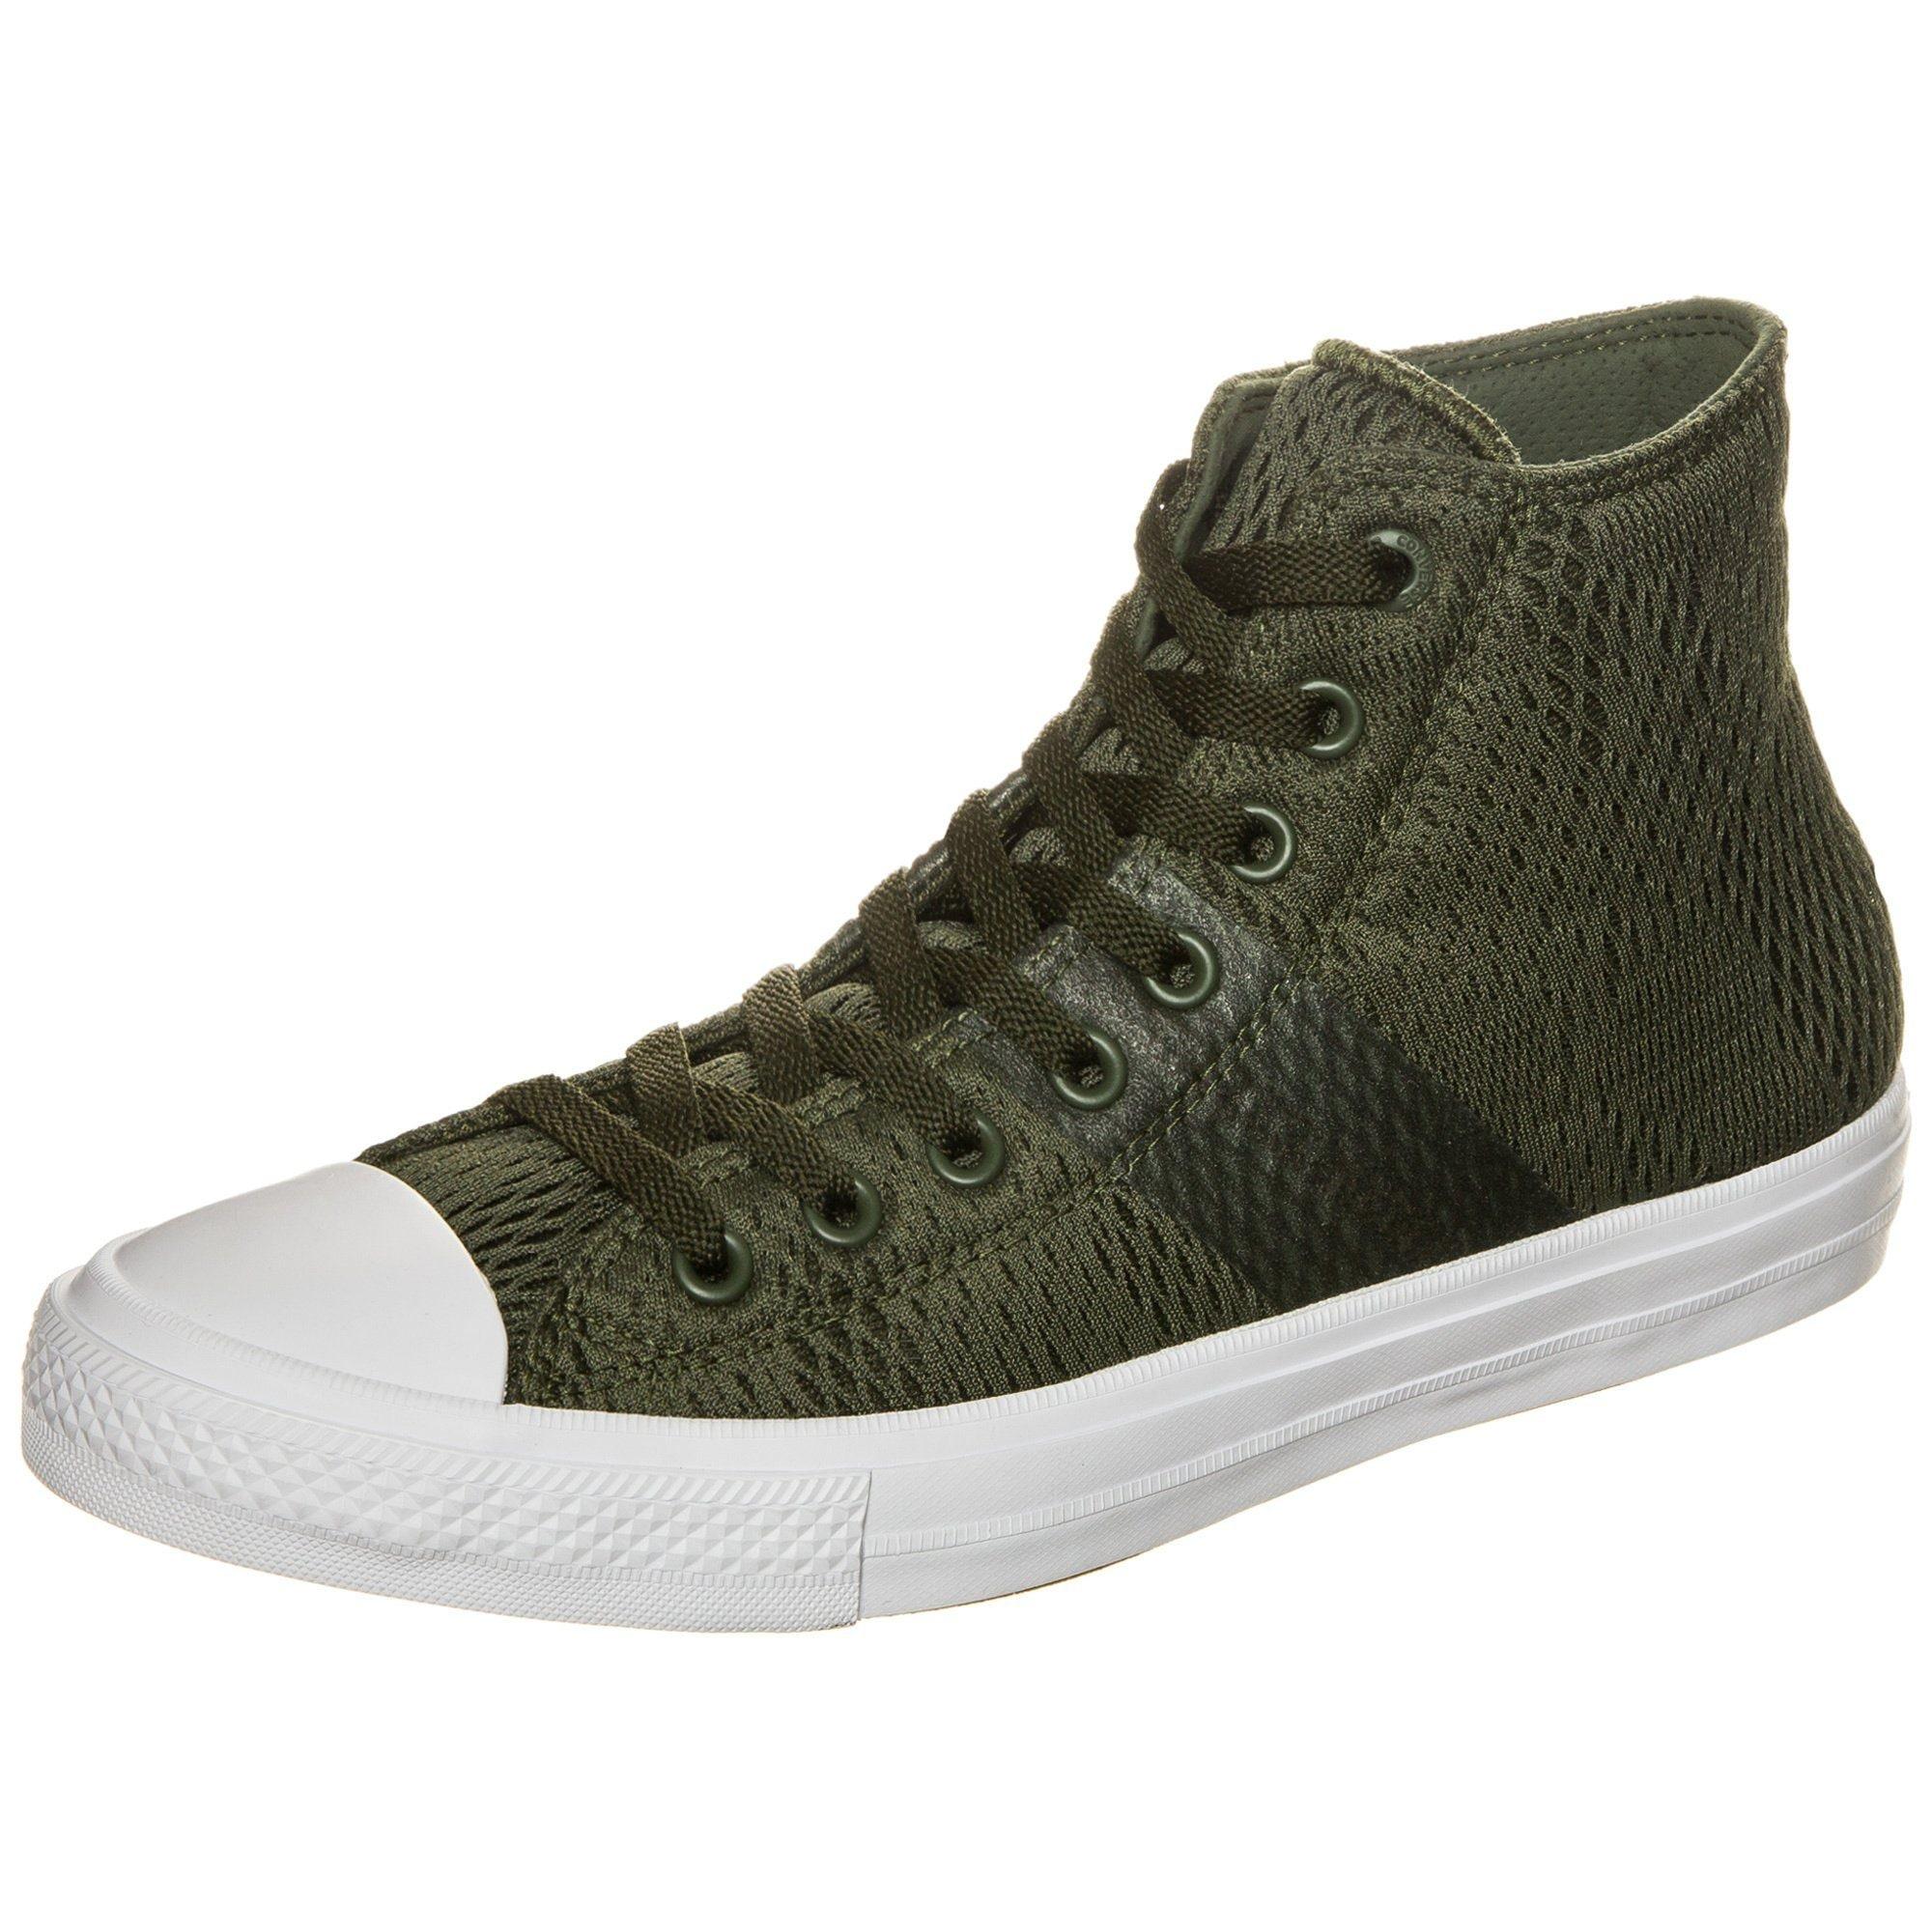 Converse Sneaker Chuck Taylor All Star Ii EngineeROT Mesh online bestellen | Gutes Preis-Leistungs-Verhältnis, es lohnt sich